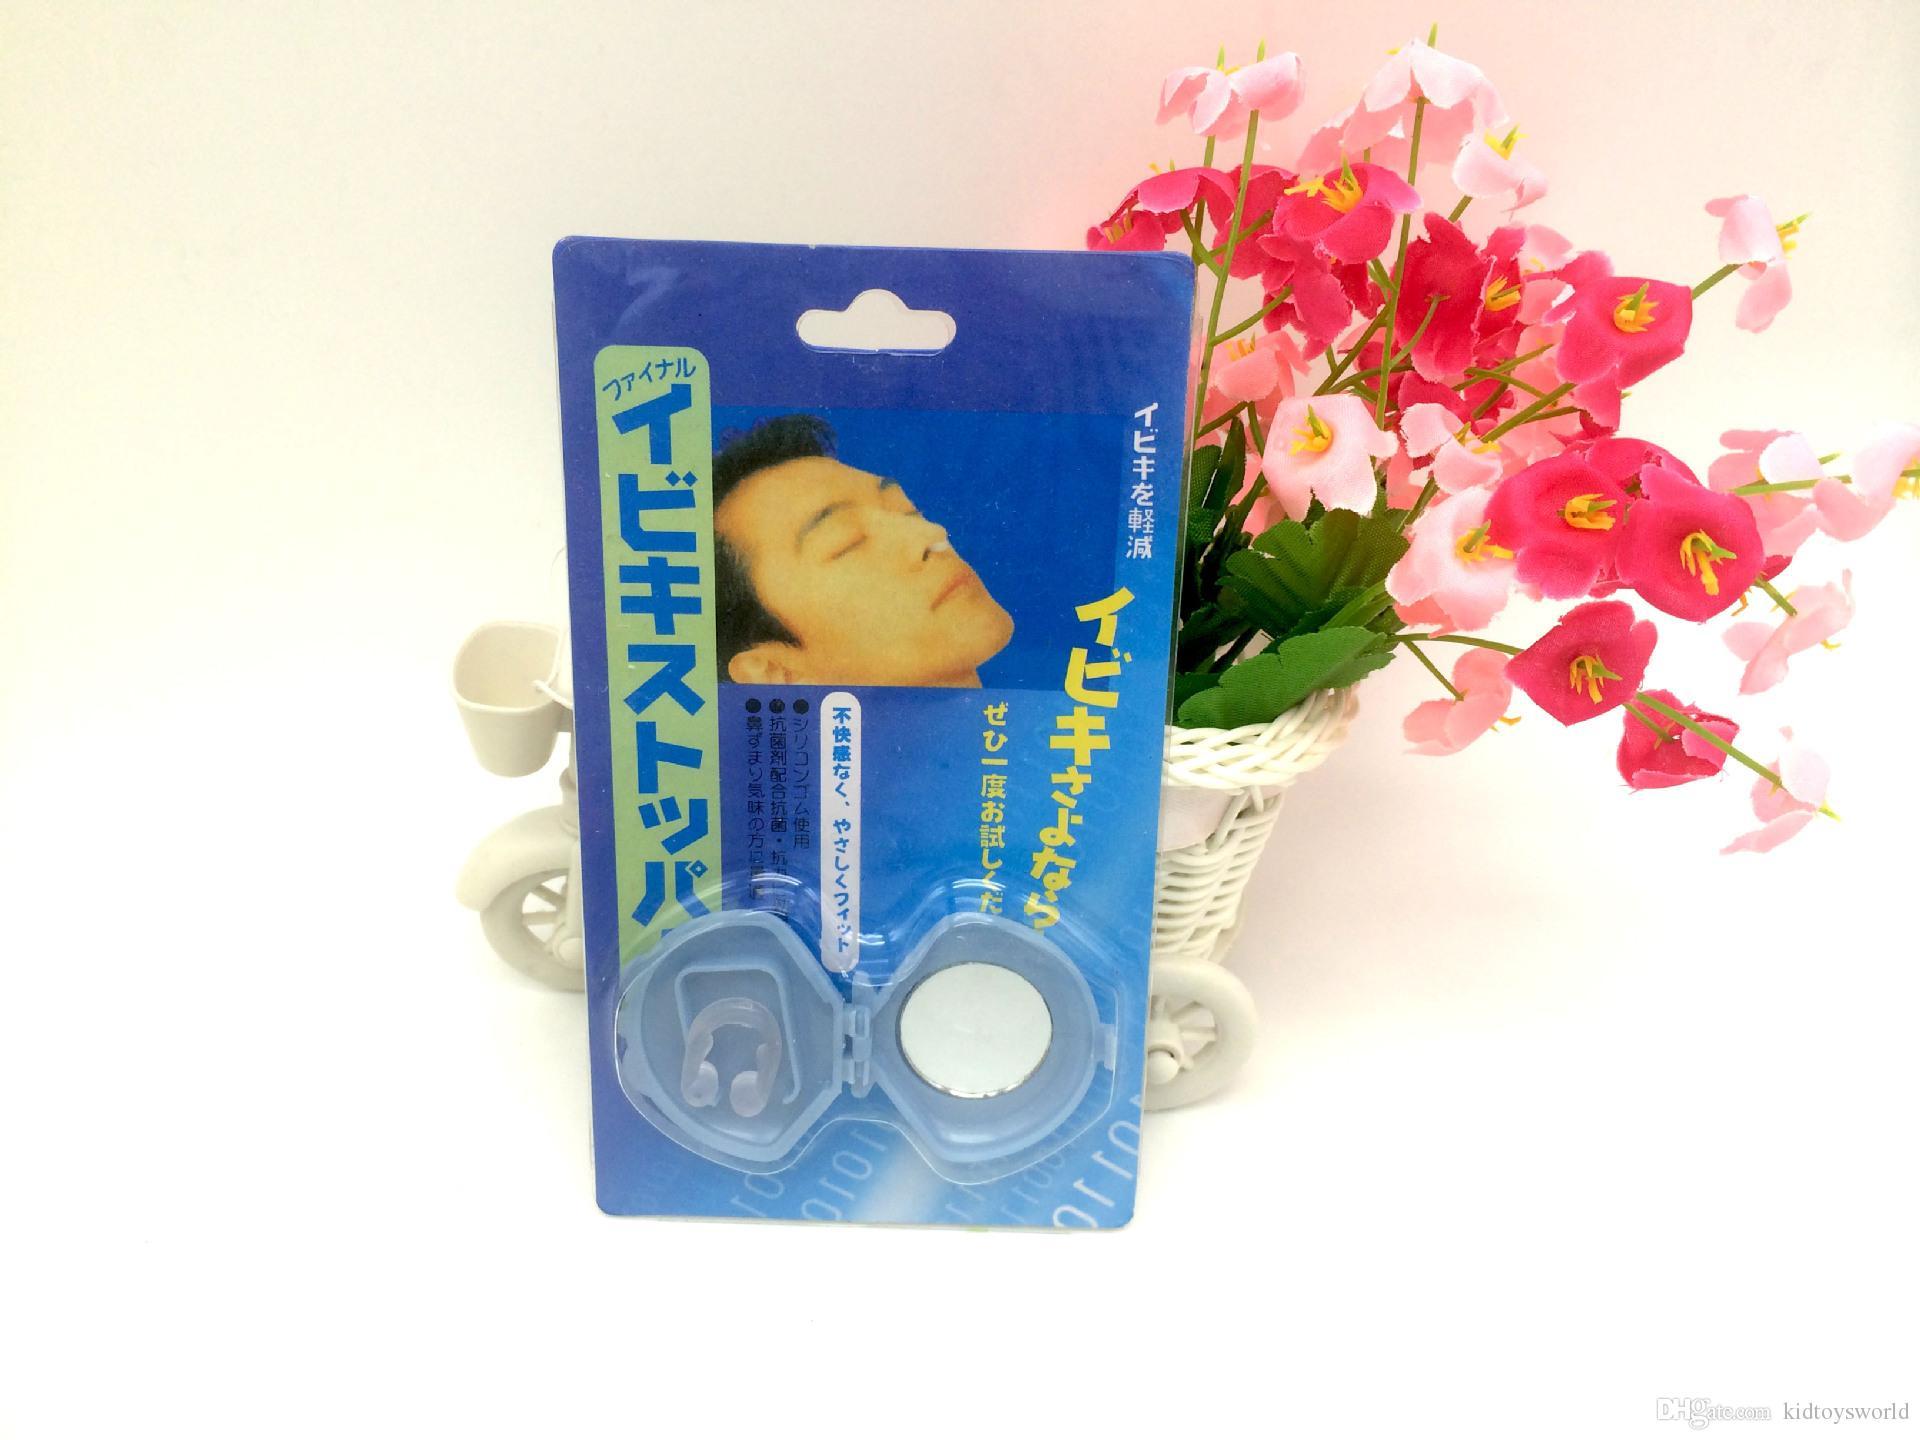 2018 Silicon Stop Snoring Nose Clip in confezione personalizzata made in china spedizione gratuita